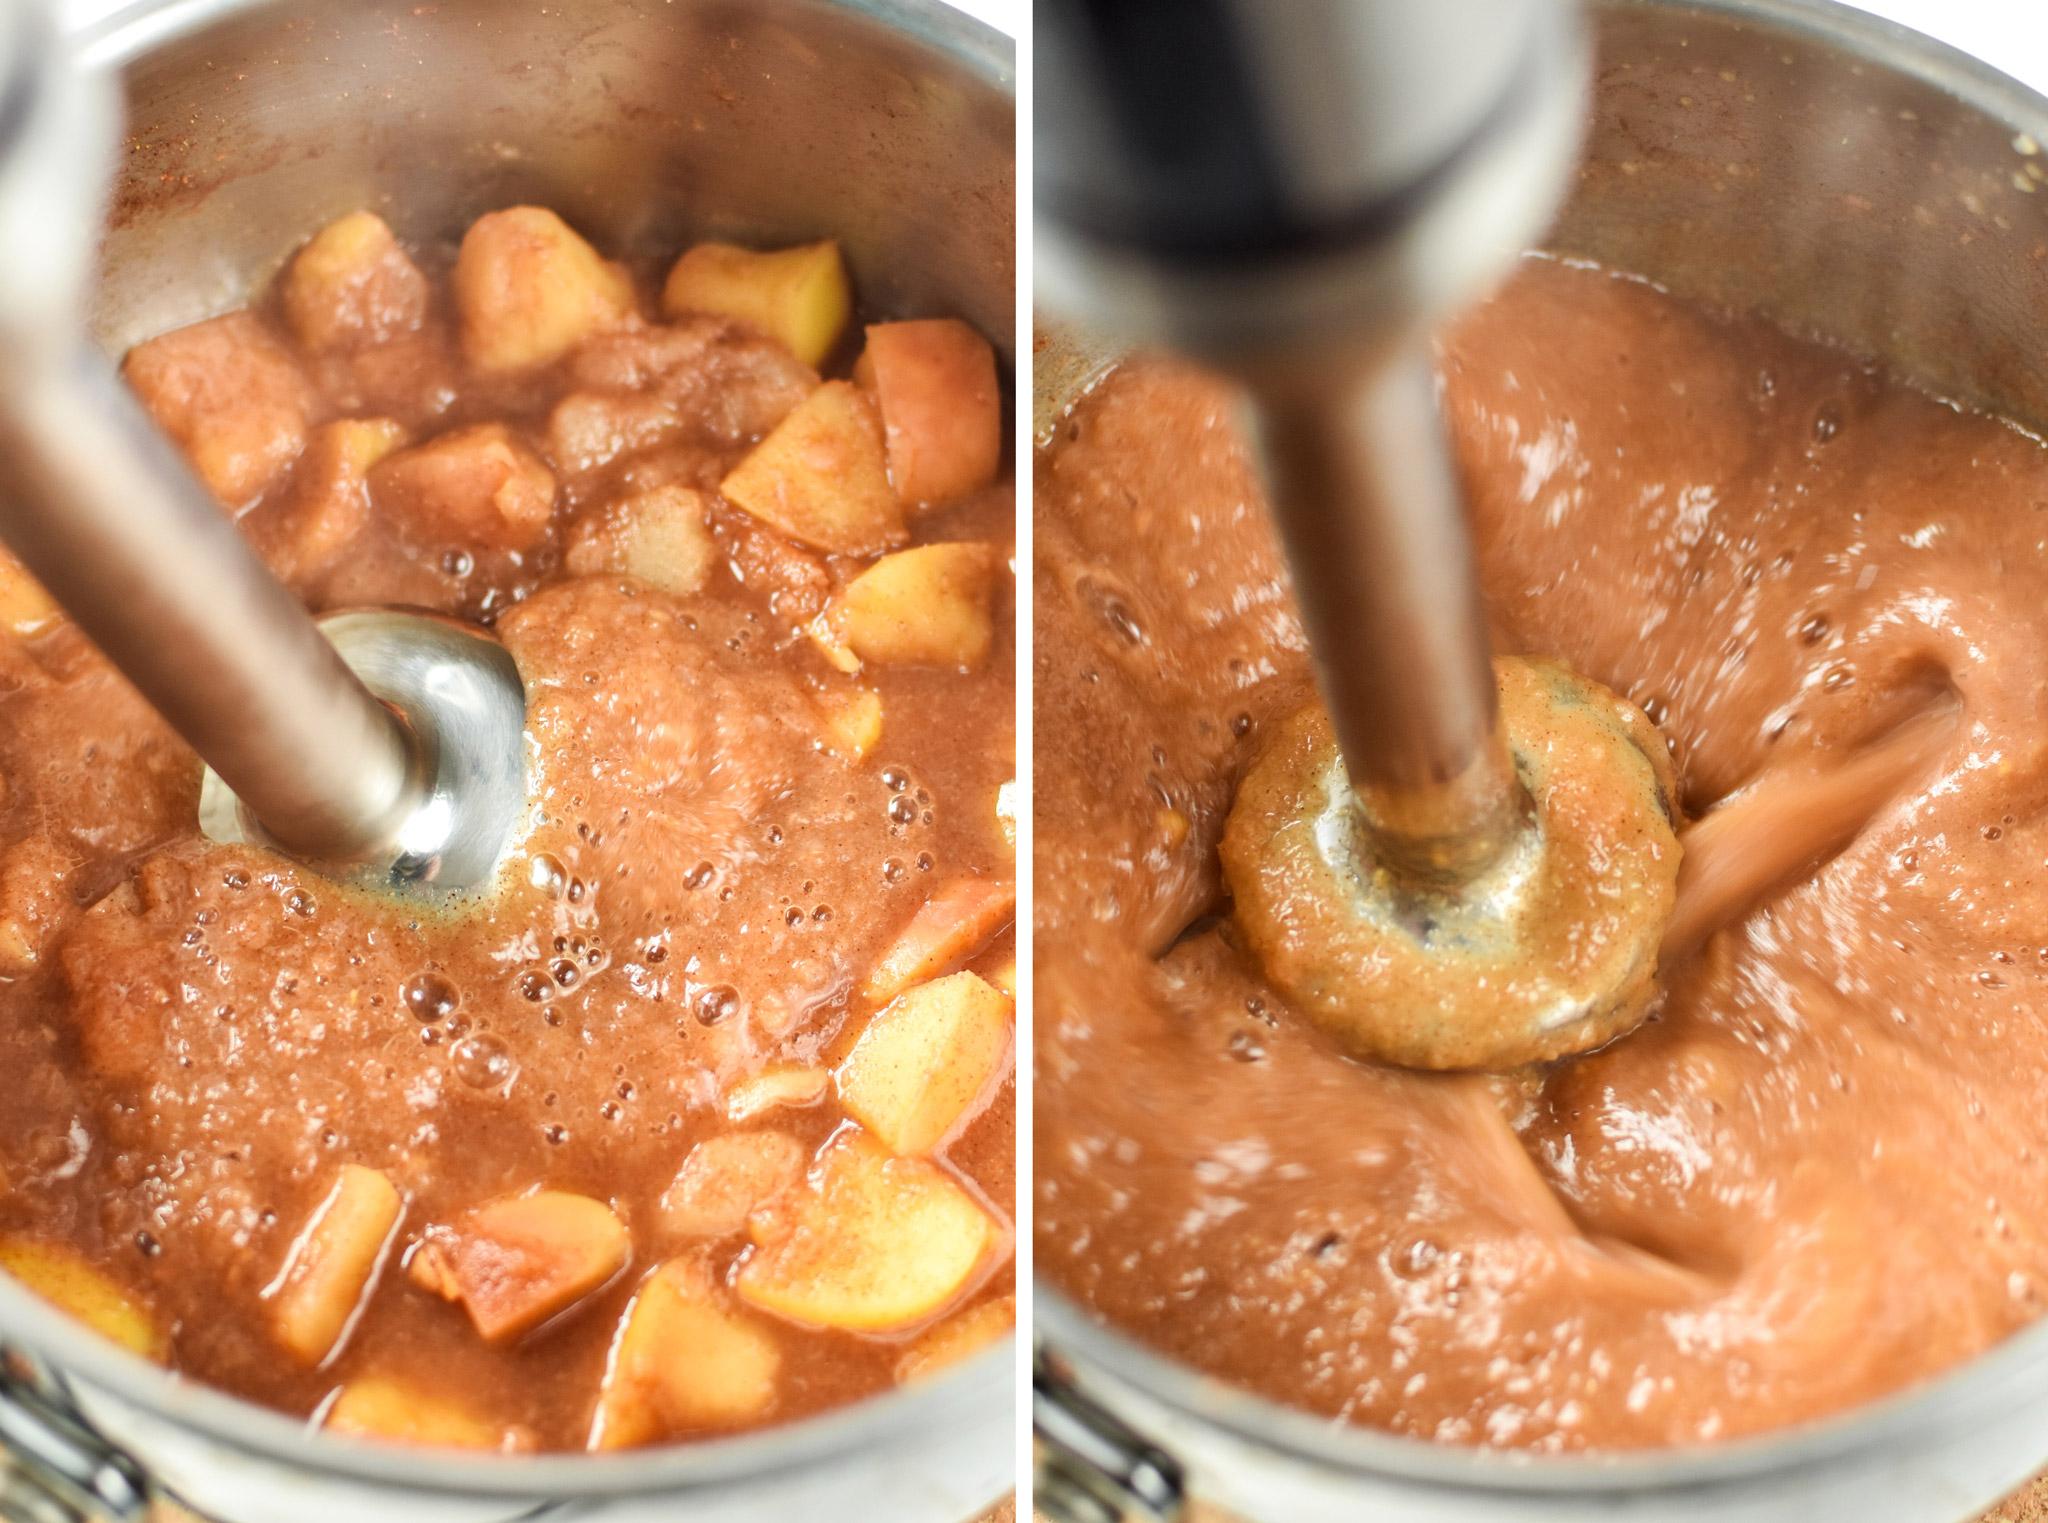 Blending the applesauce for the ginger pear cinnamon applesauce